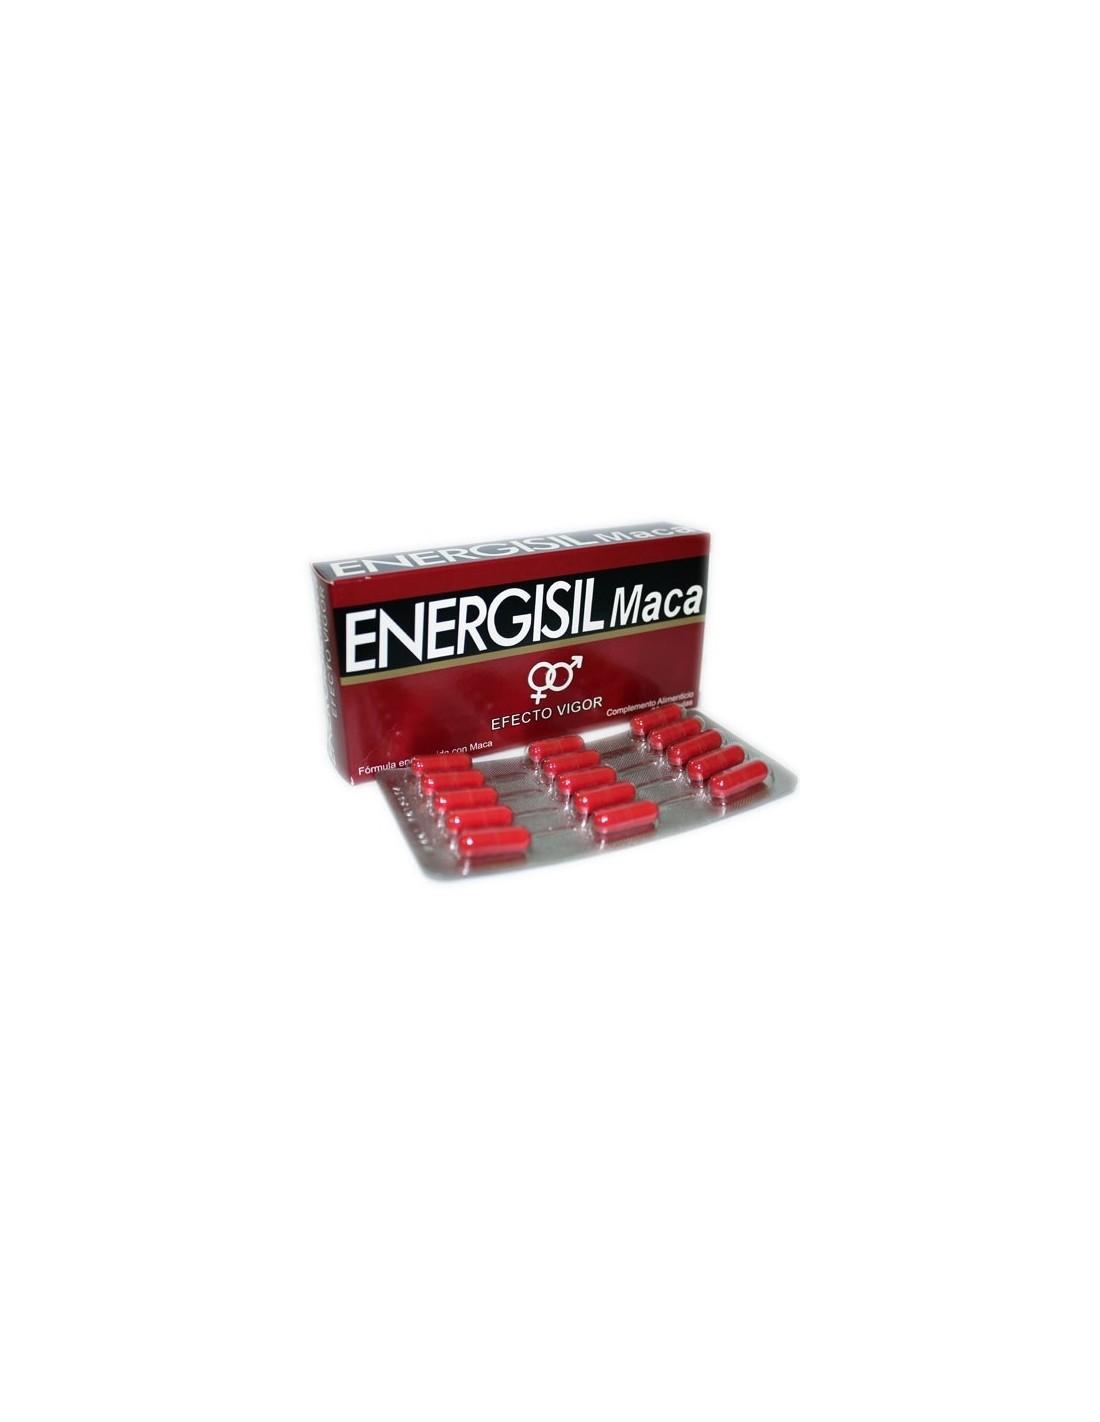 energisil maca ereccion